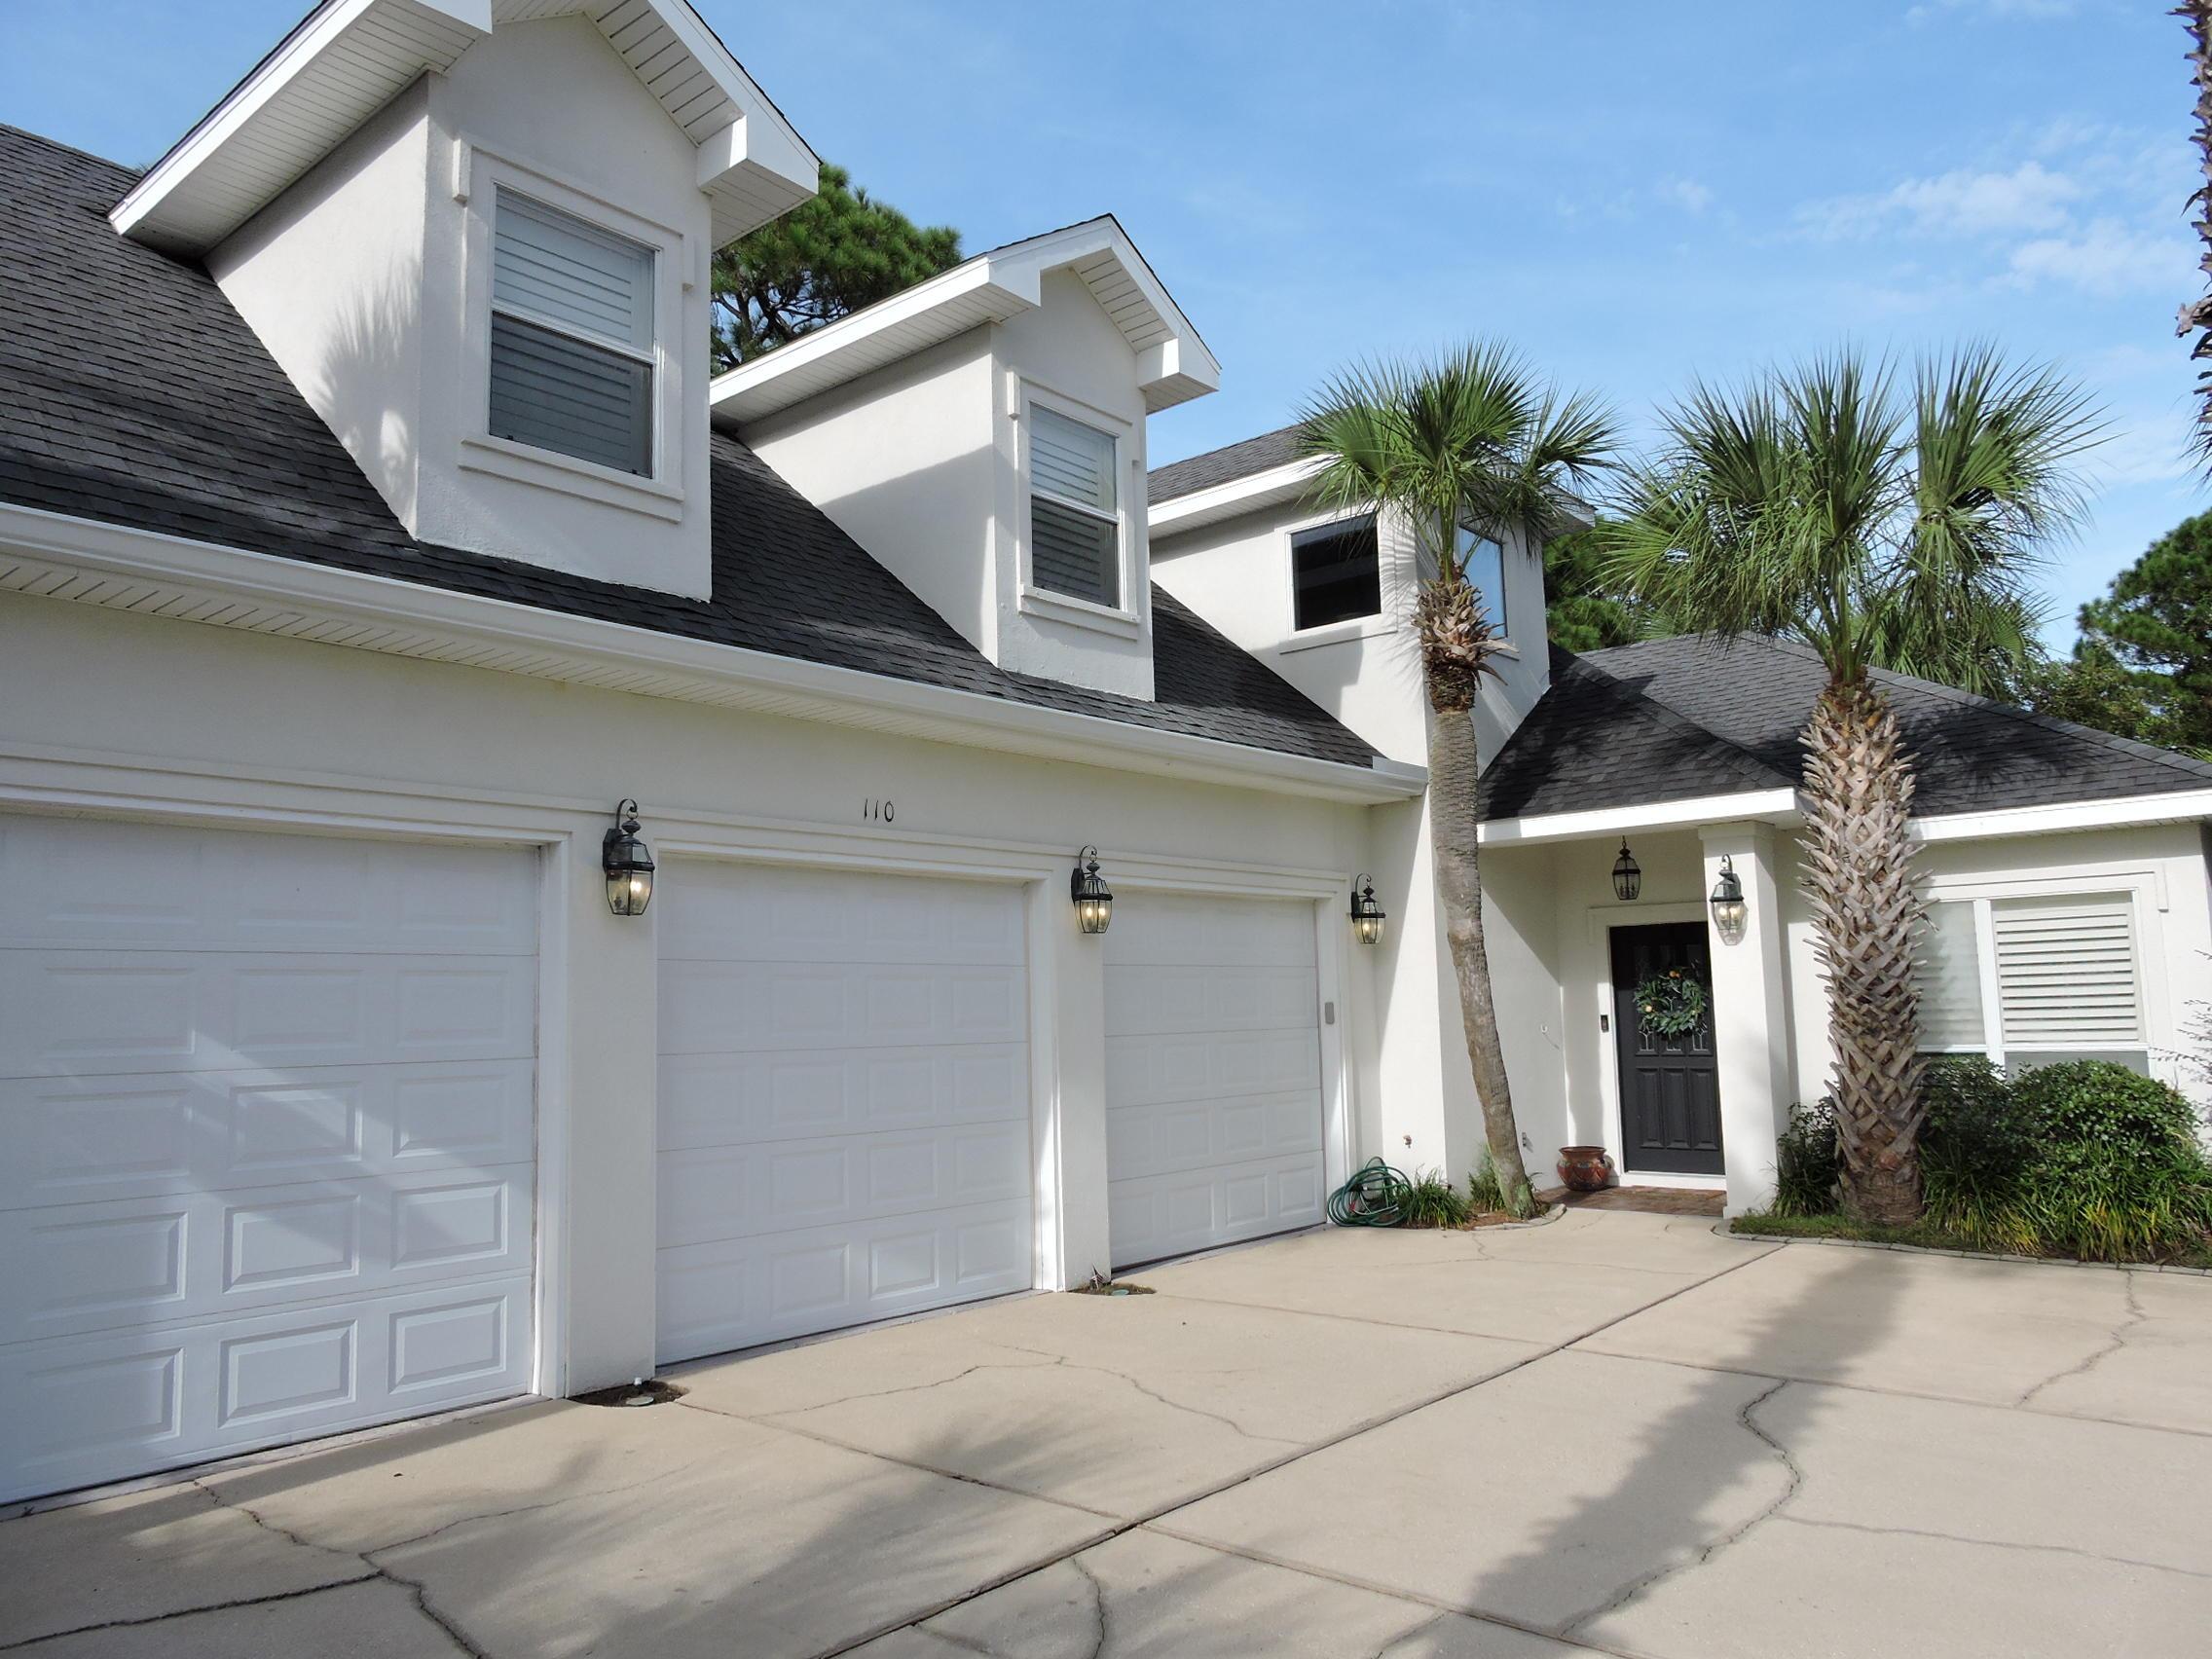 Photo of home for sale at 110 Legion Park, Miramar Beach FL